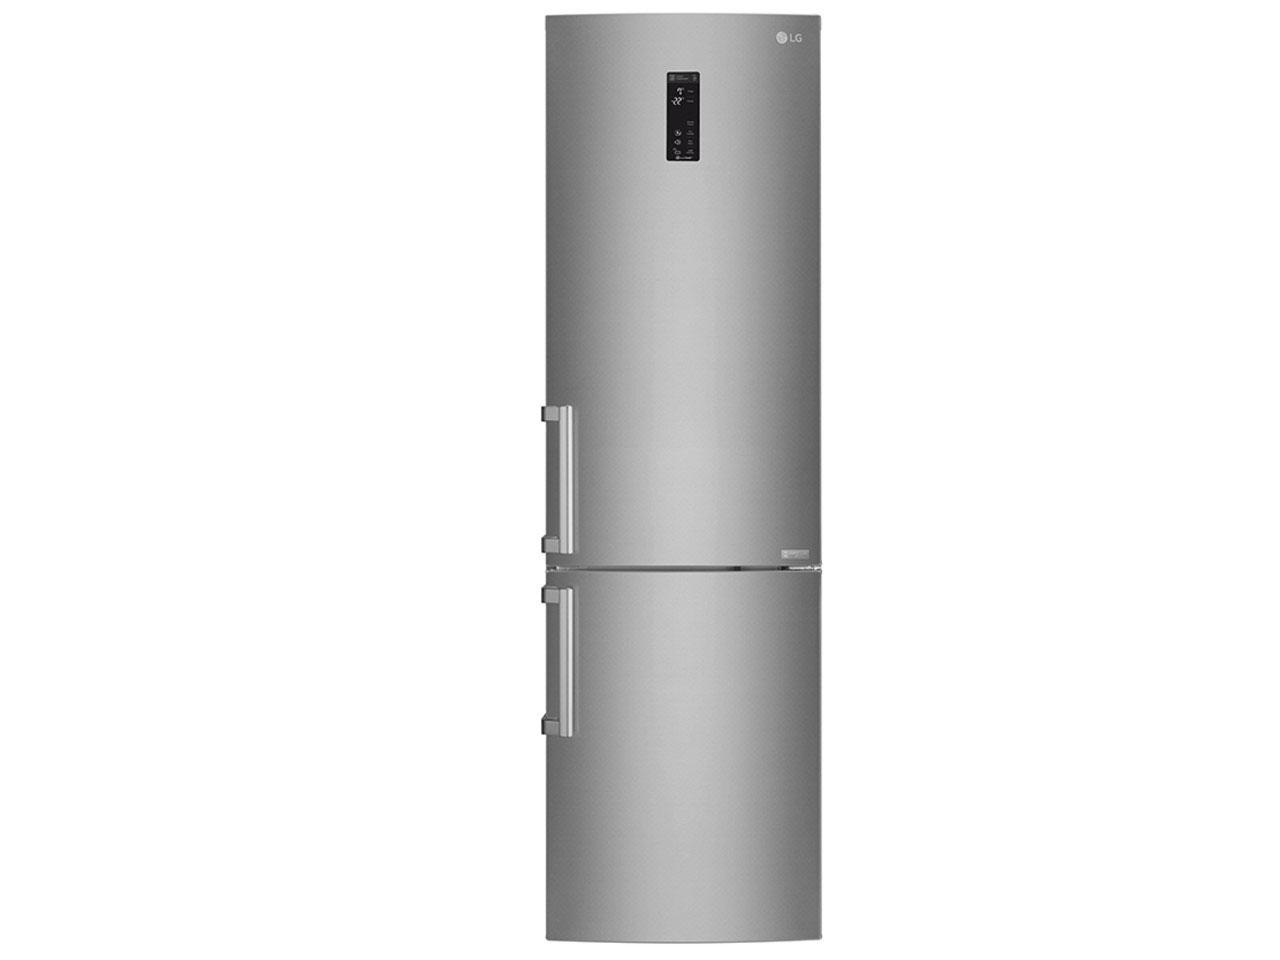 LG GBB60SAYFE + 10 let záruka na kompresor! + 700 Kč na dárky nebo další nákup | CHAT on-line podpora PO-PÁ 8-22.00!!